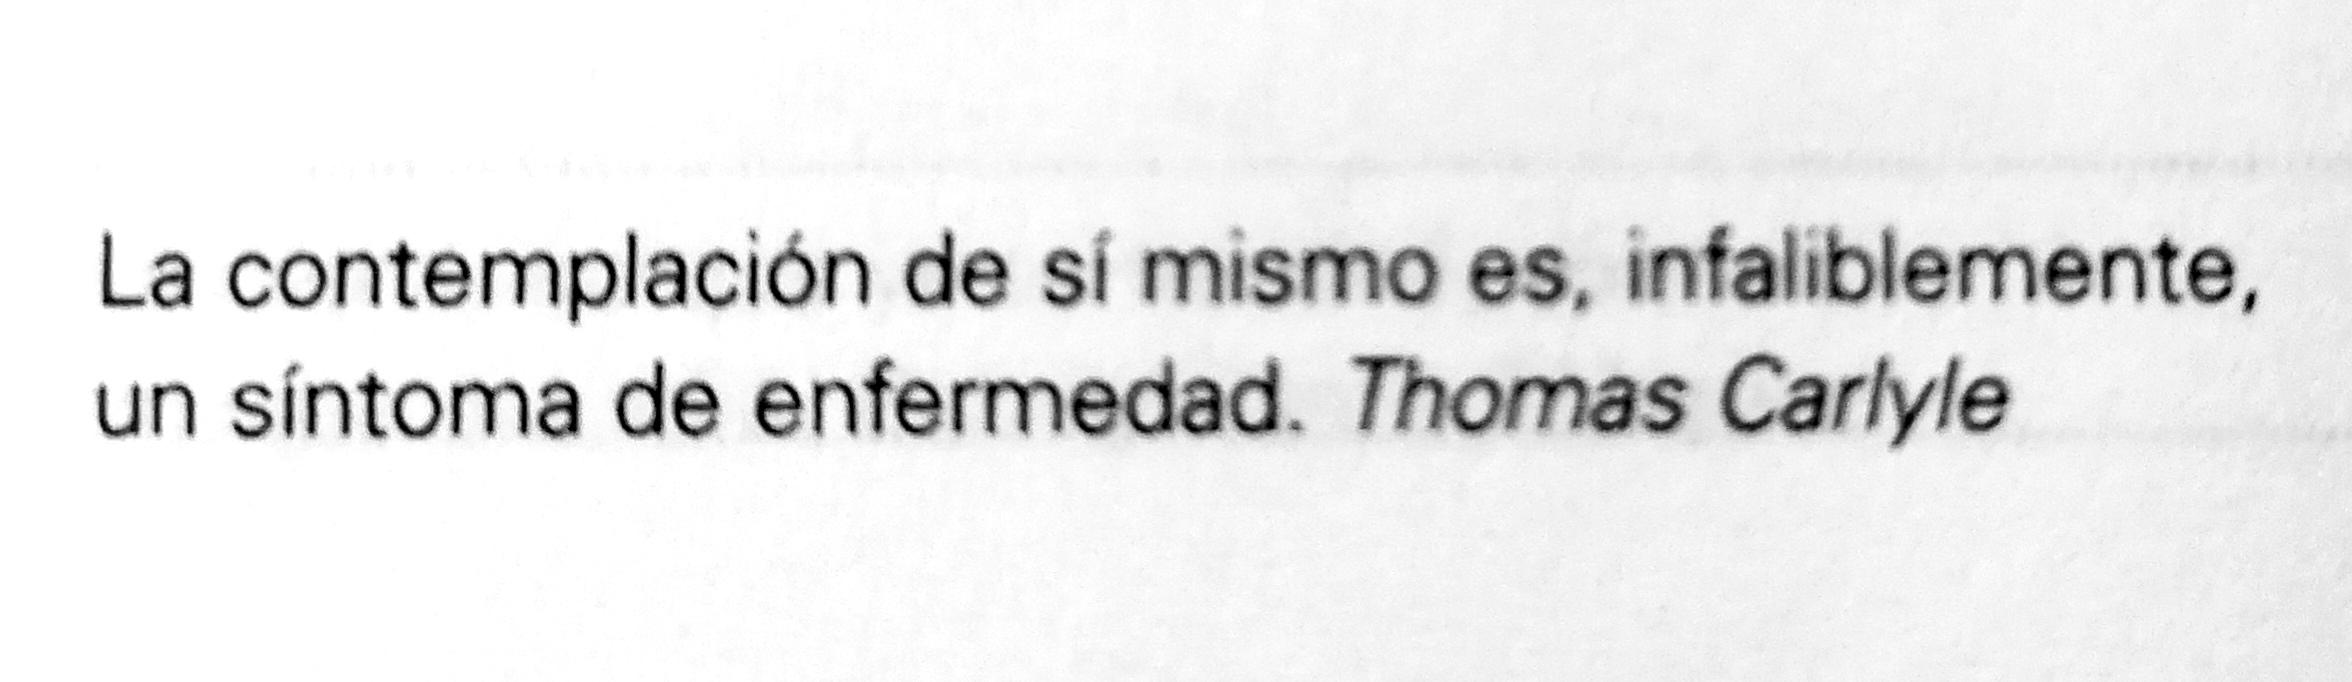 Frase de Thomas Carlyle